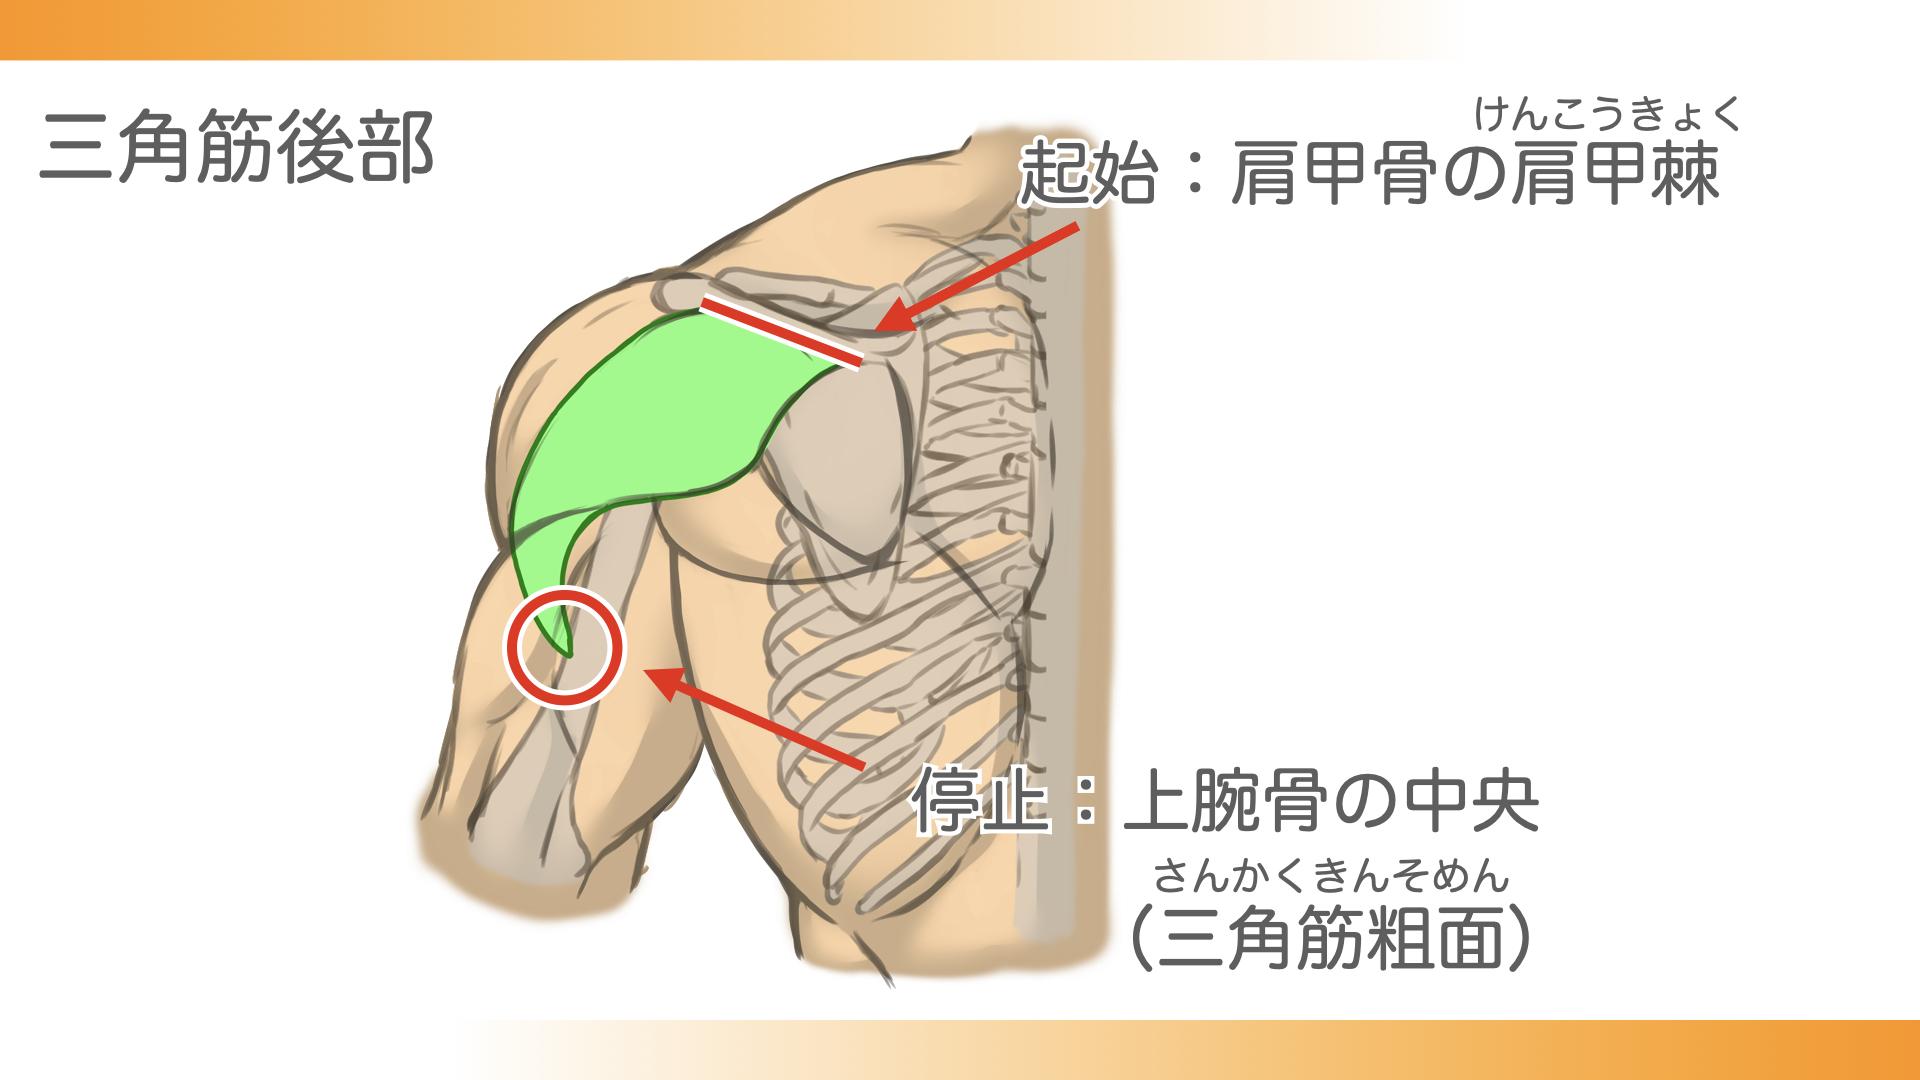 三角筋後部は、肩甲骨の肩甲棘という部分から、上腕骨の中央、三角筋粗面につながっています